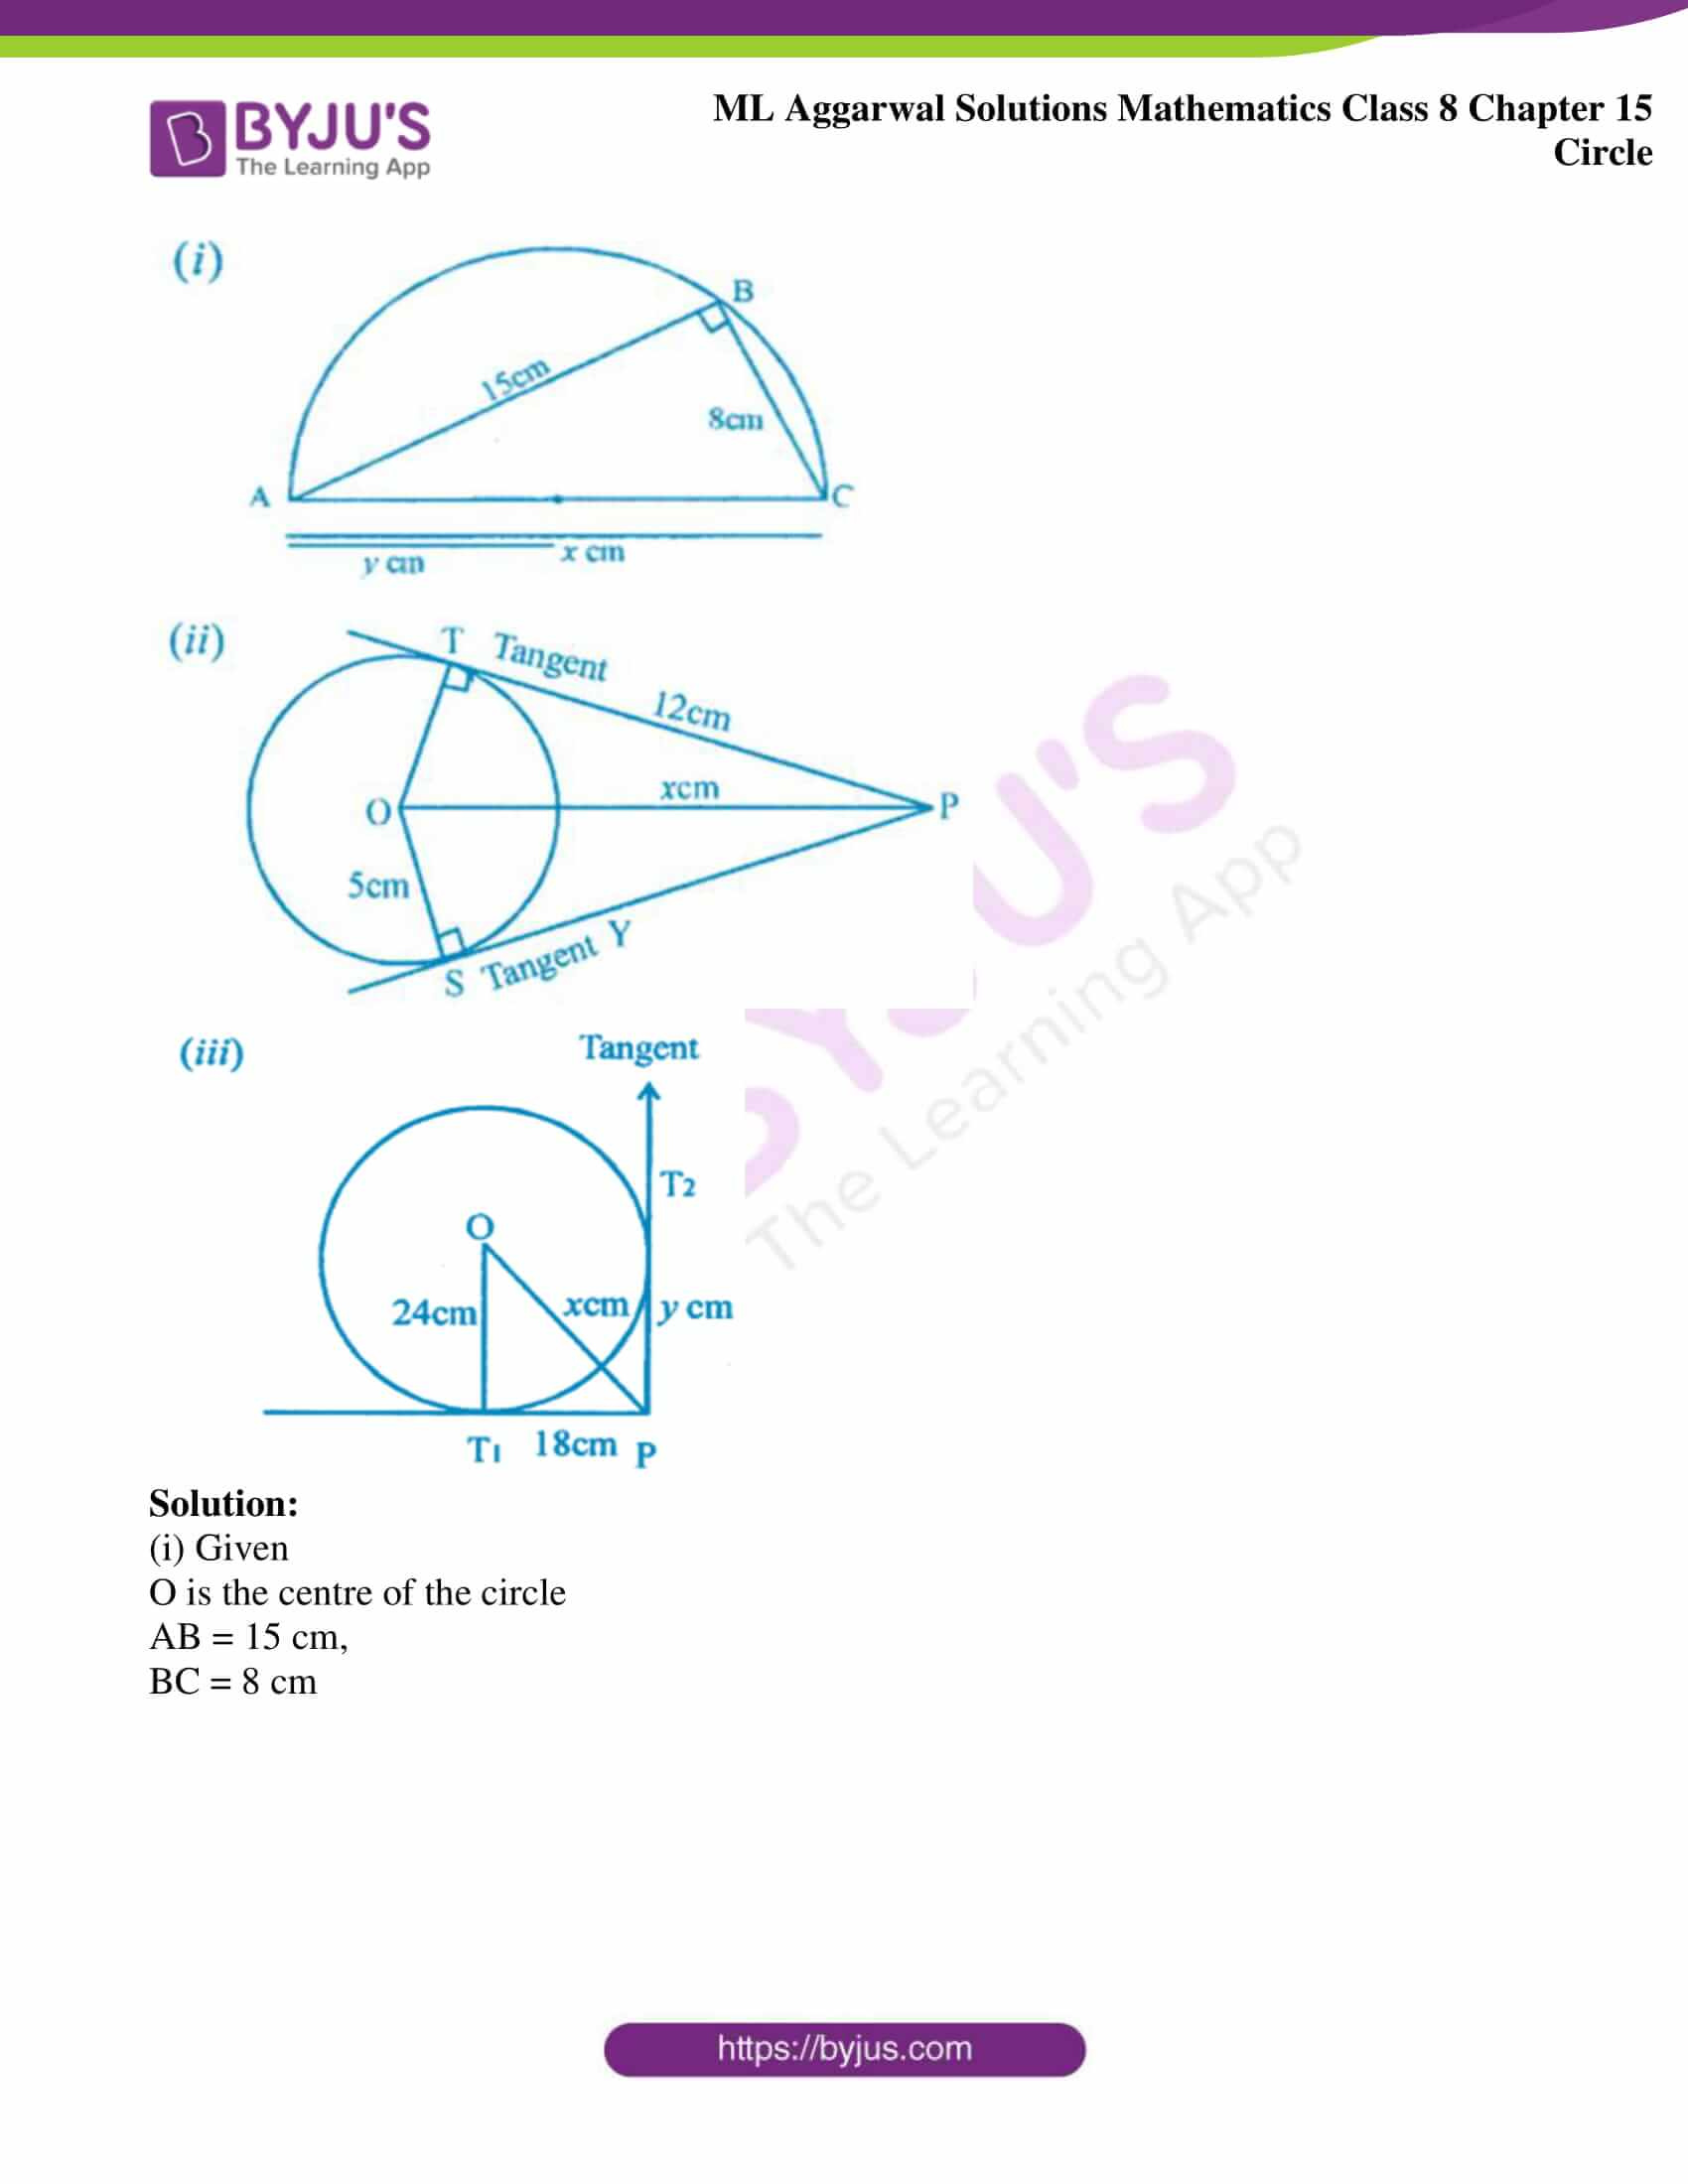 ml aggarwal sol mathematics class 8 ch 15 09